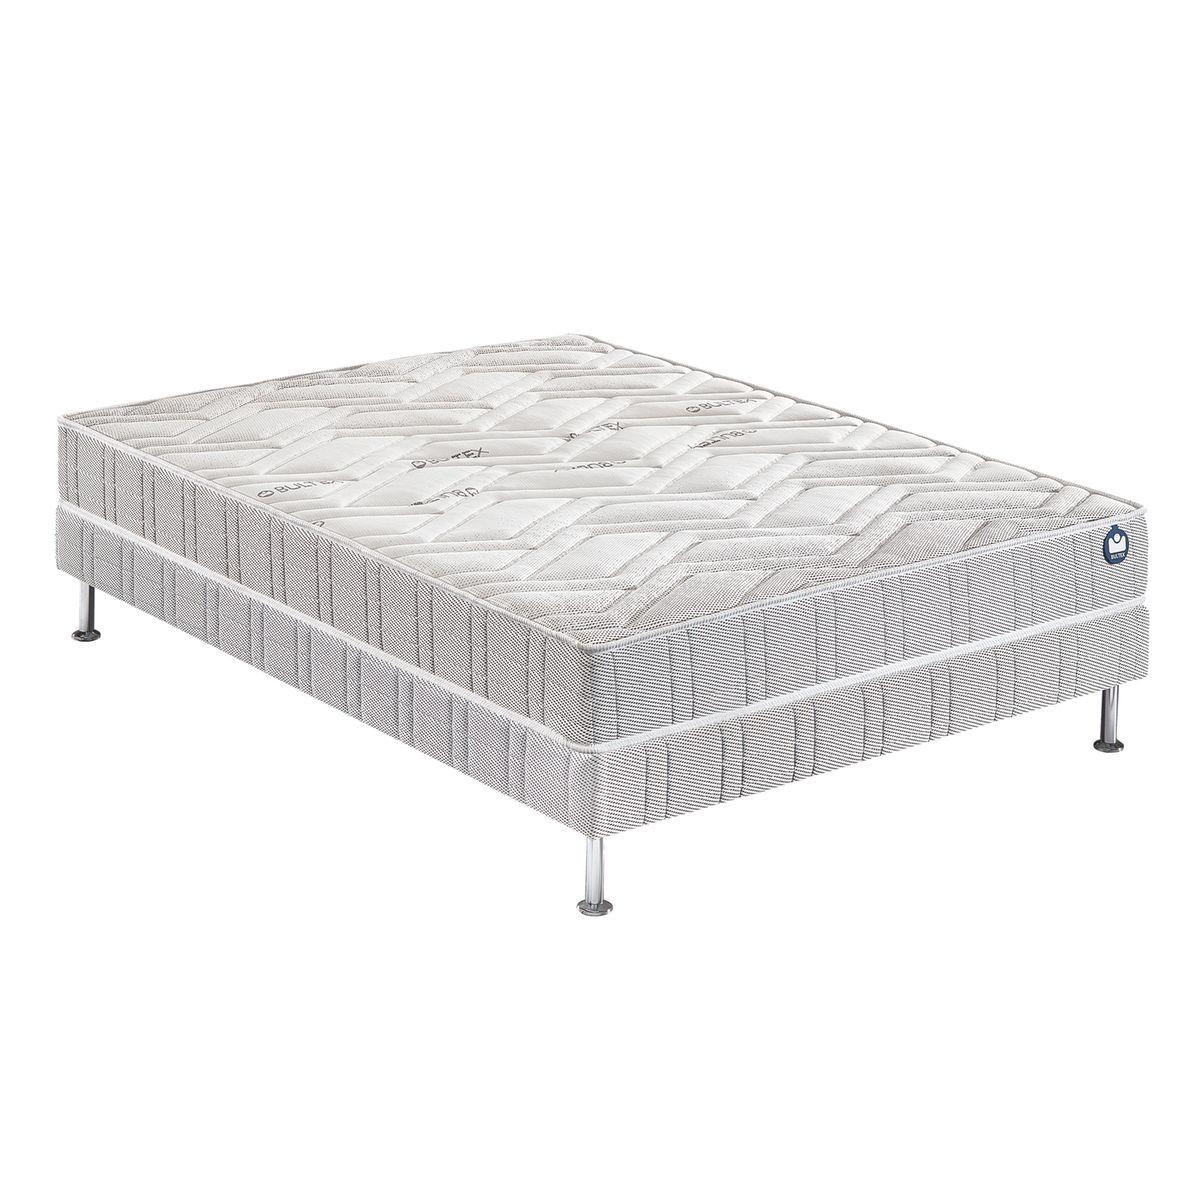 Simmons Extension Ensemble Matelas Et Sommier Pieds Autres Blanc Et Gris 160x200 2020 Mattress Furniture Bed